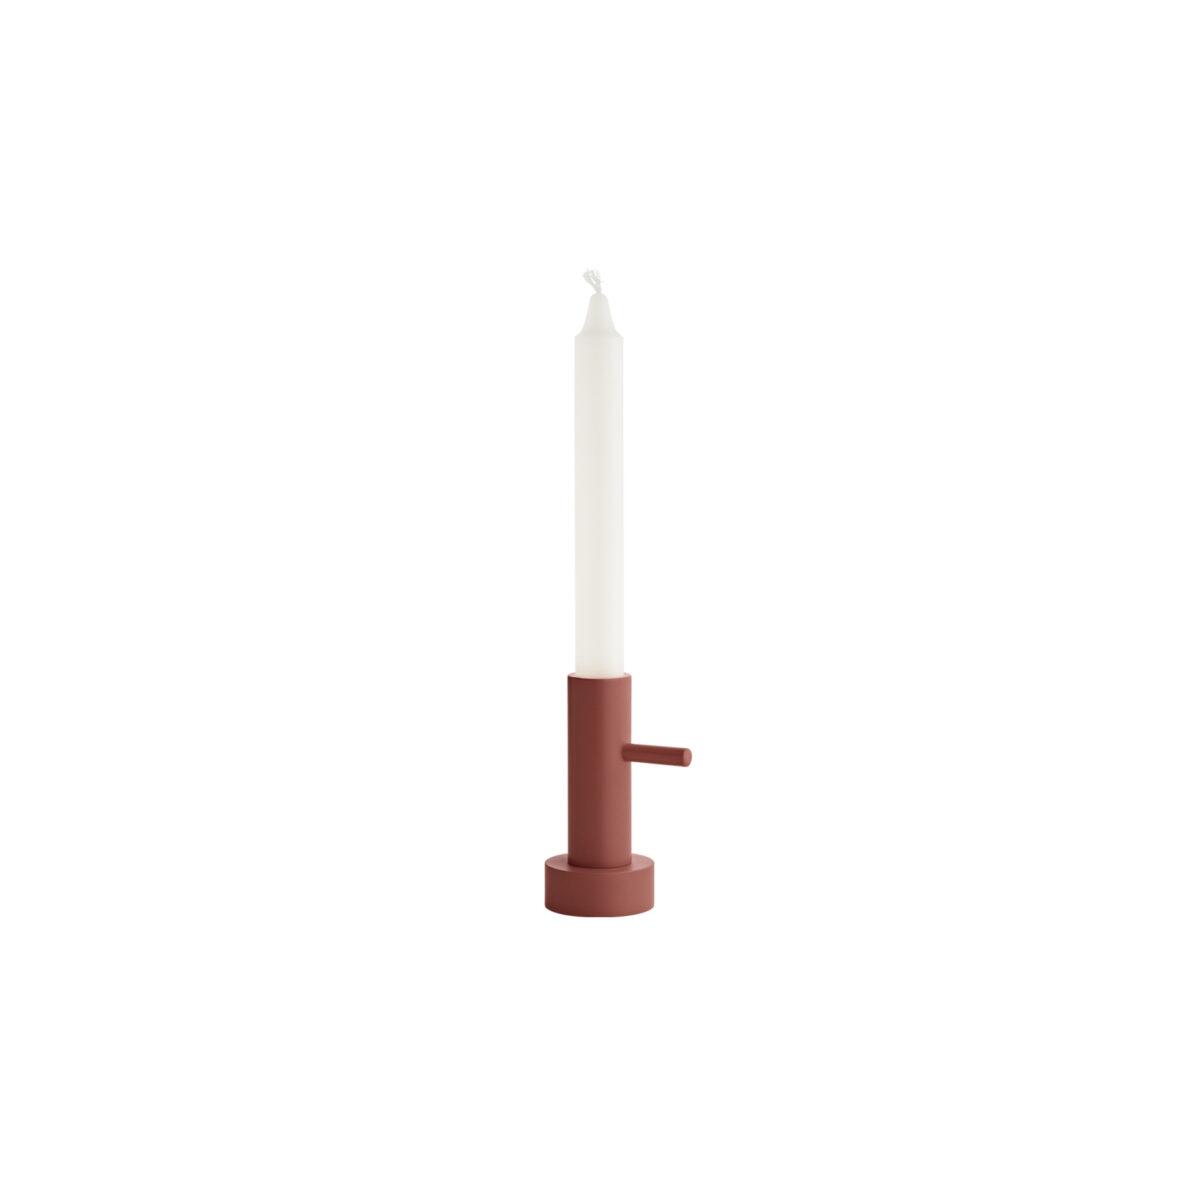 Fritz Hansen Candelholder Single 1 Terracotta Glashuset Malmo